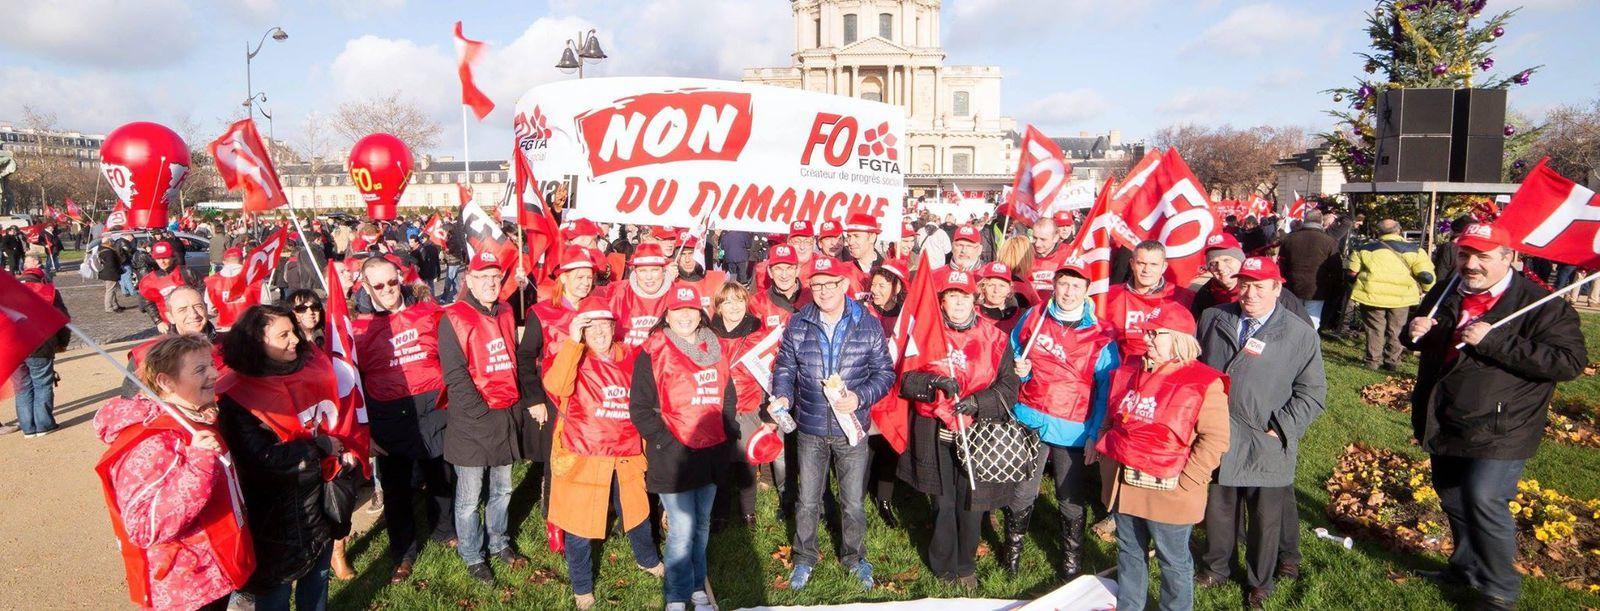 Landes : manifestation contre l'ouverture le dimanche du Carrefour de Tarnos